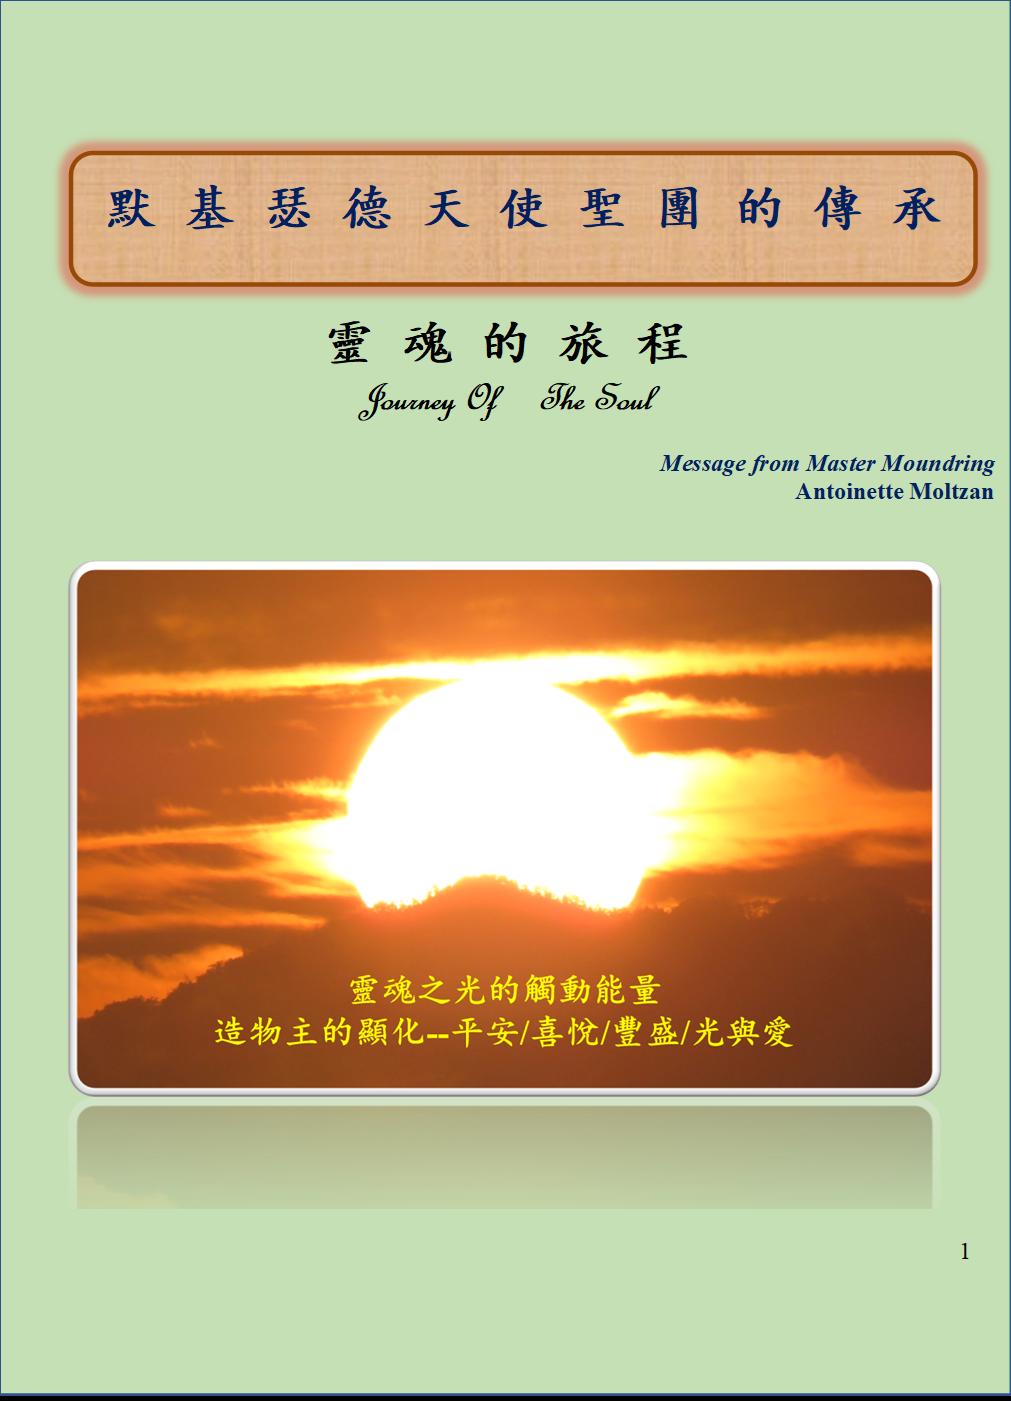 光的課程 靈魂旅程 10,11,12章